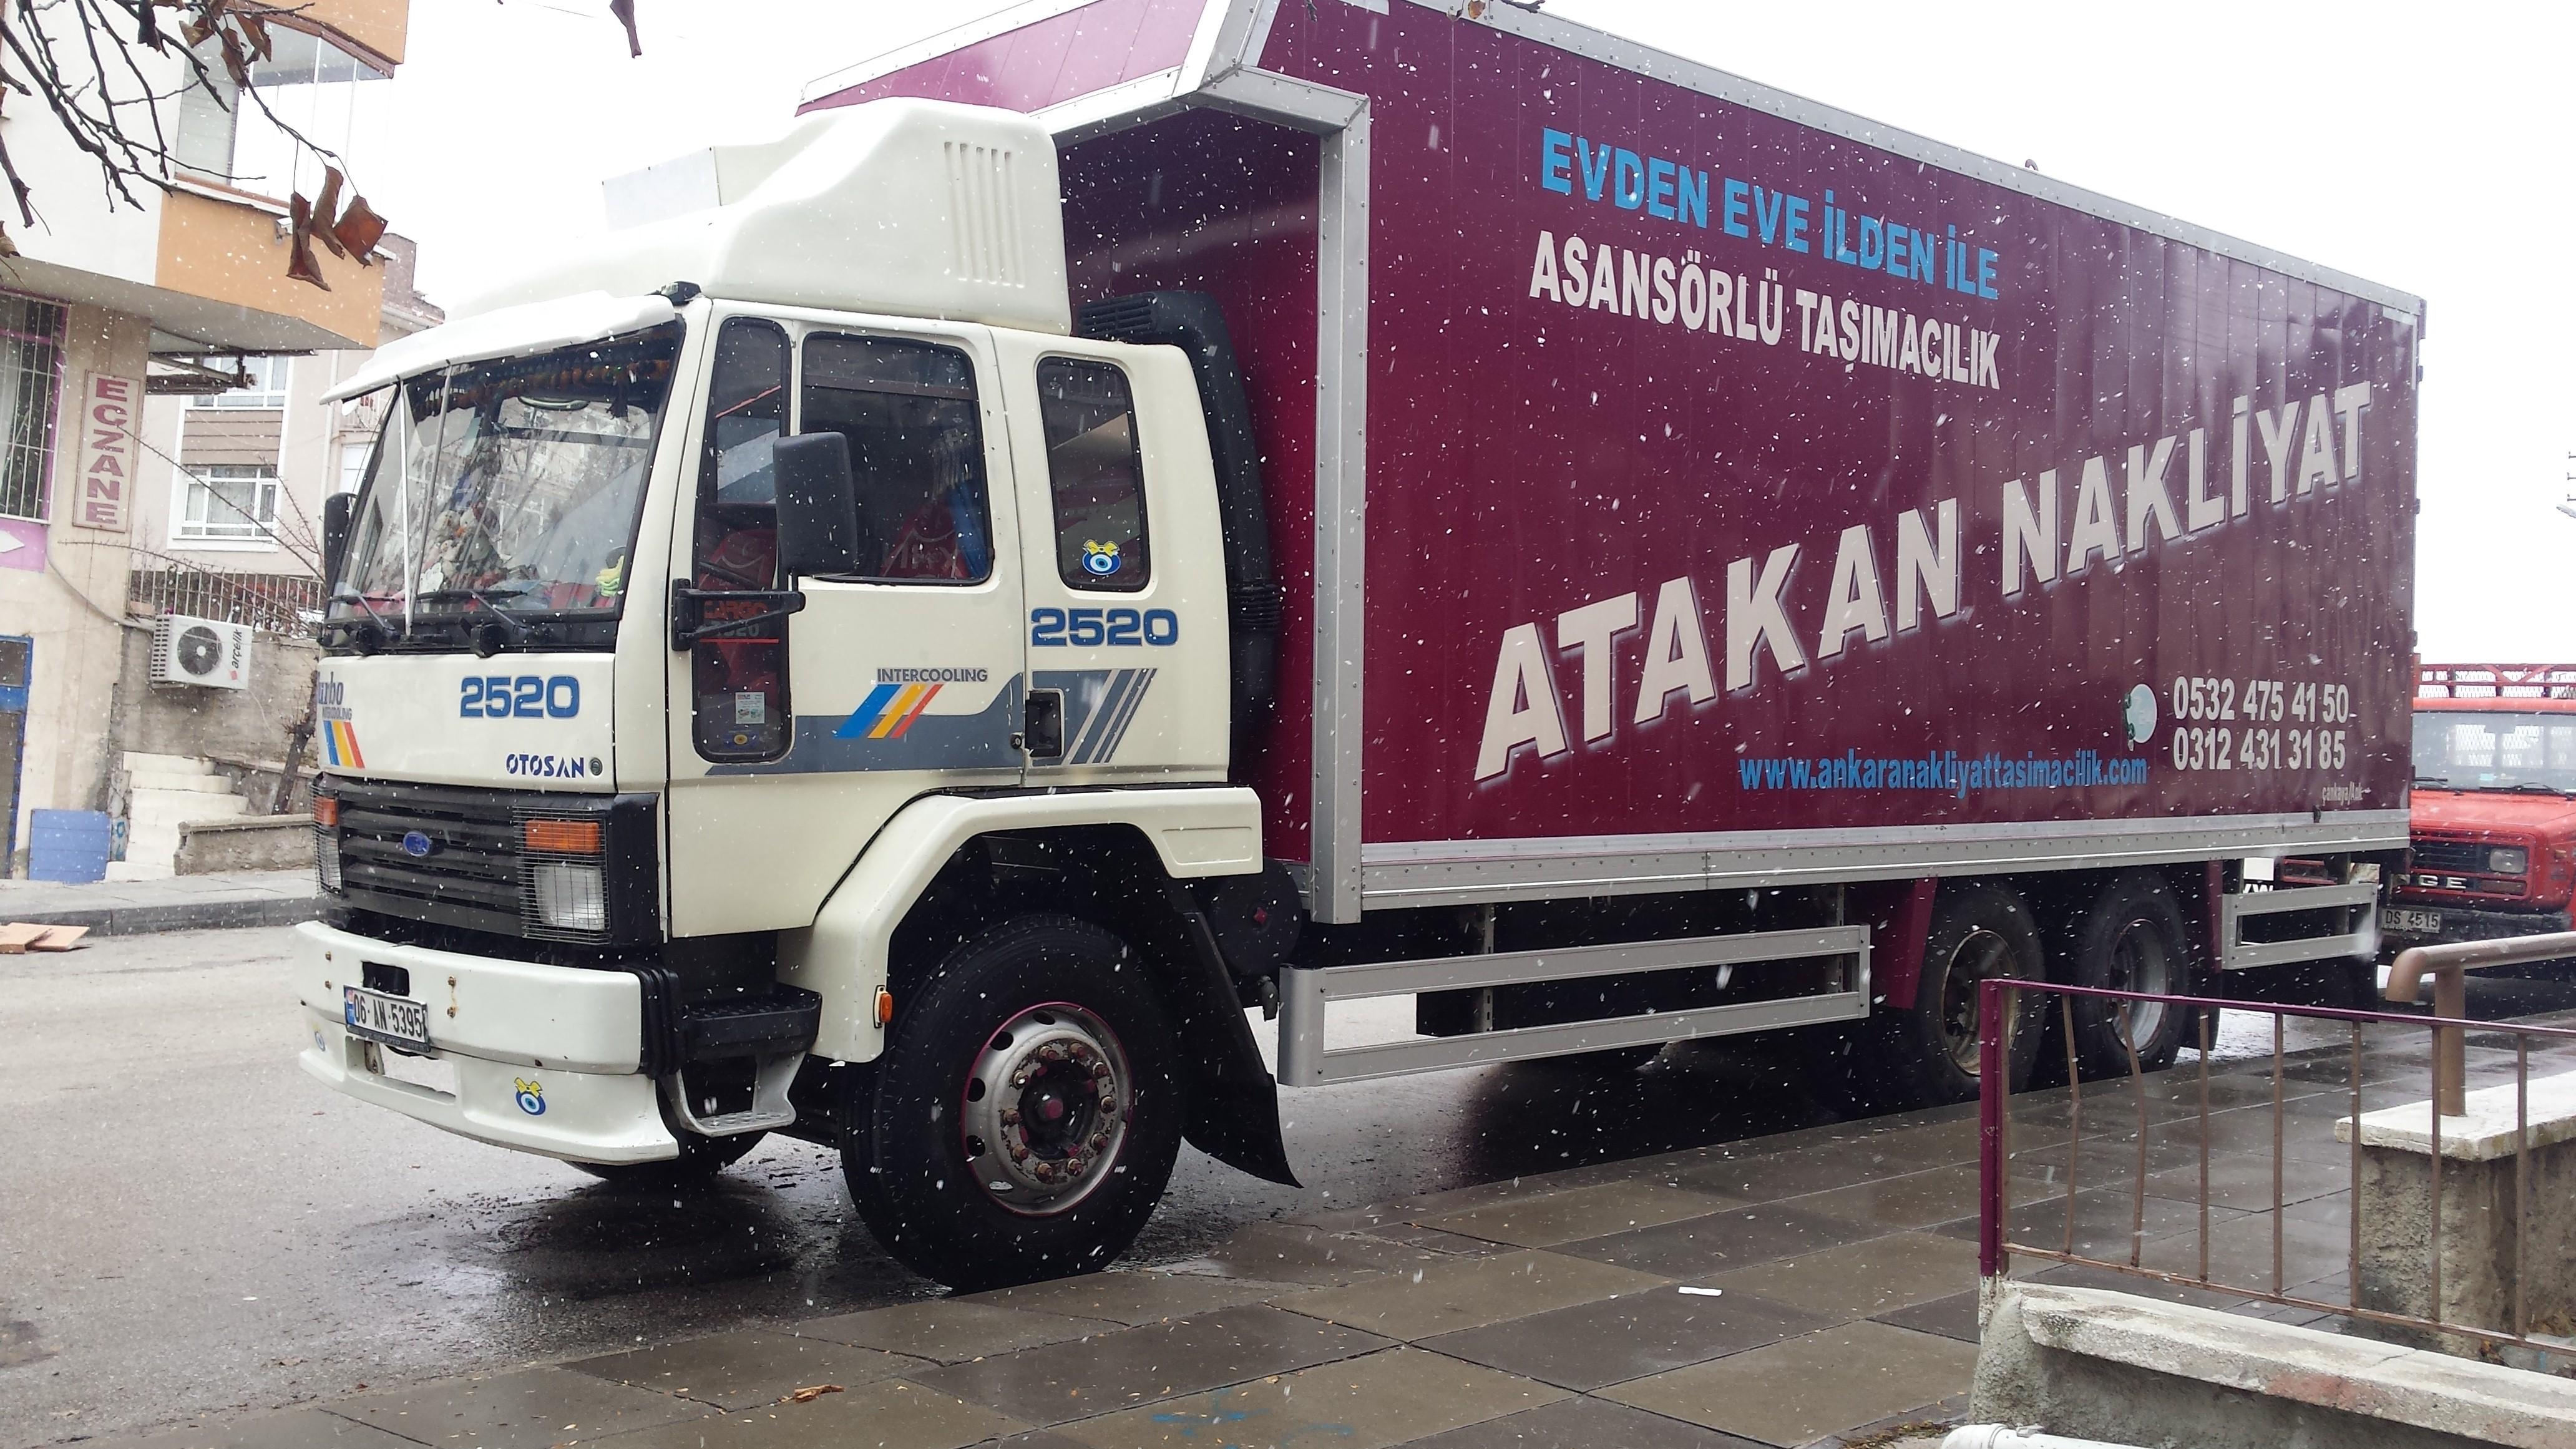 Ankara Evden Eve Eşya Taşımacılık Şirketleri